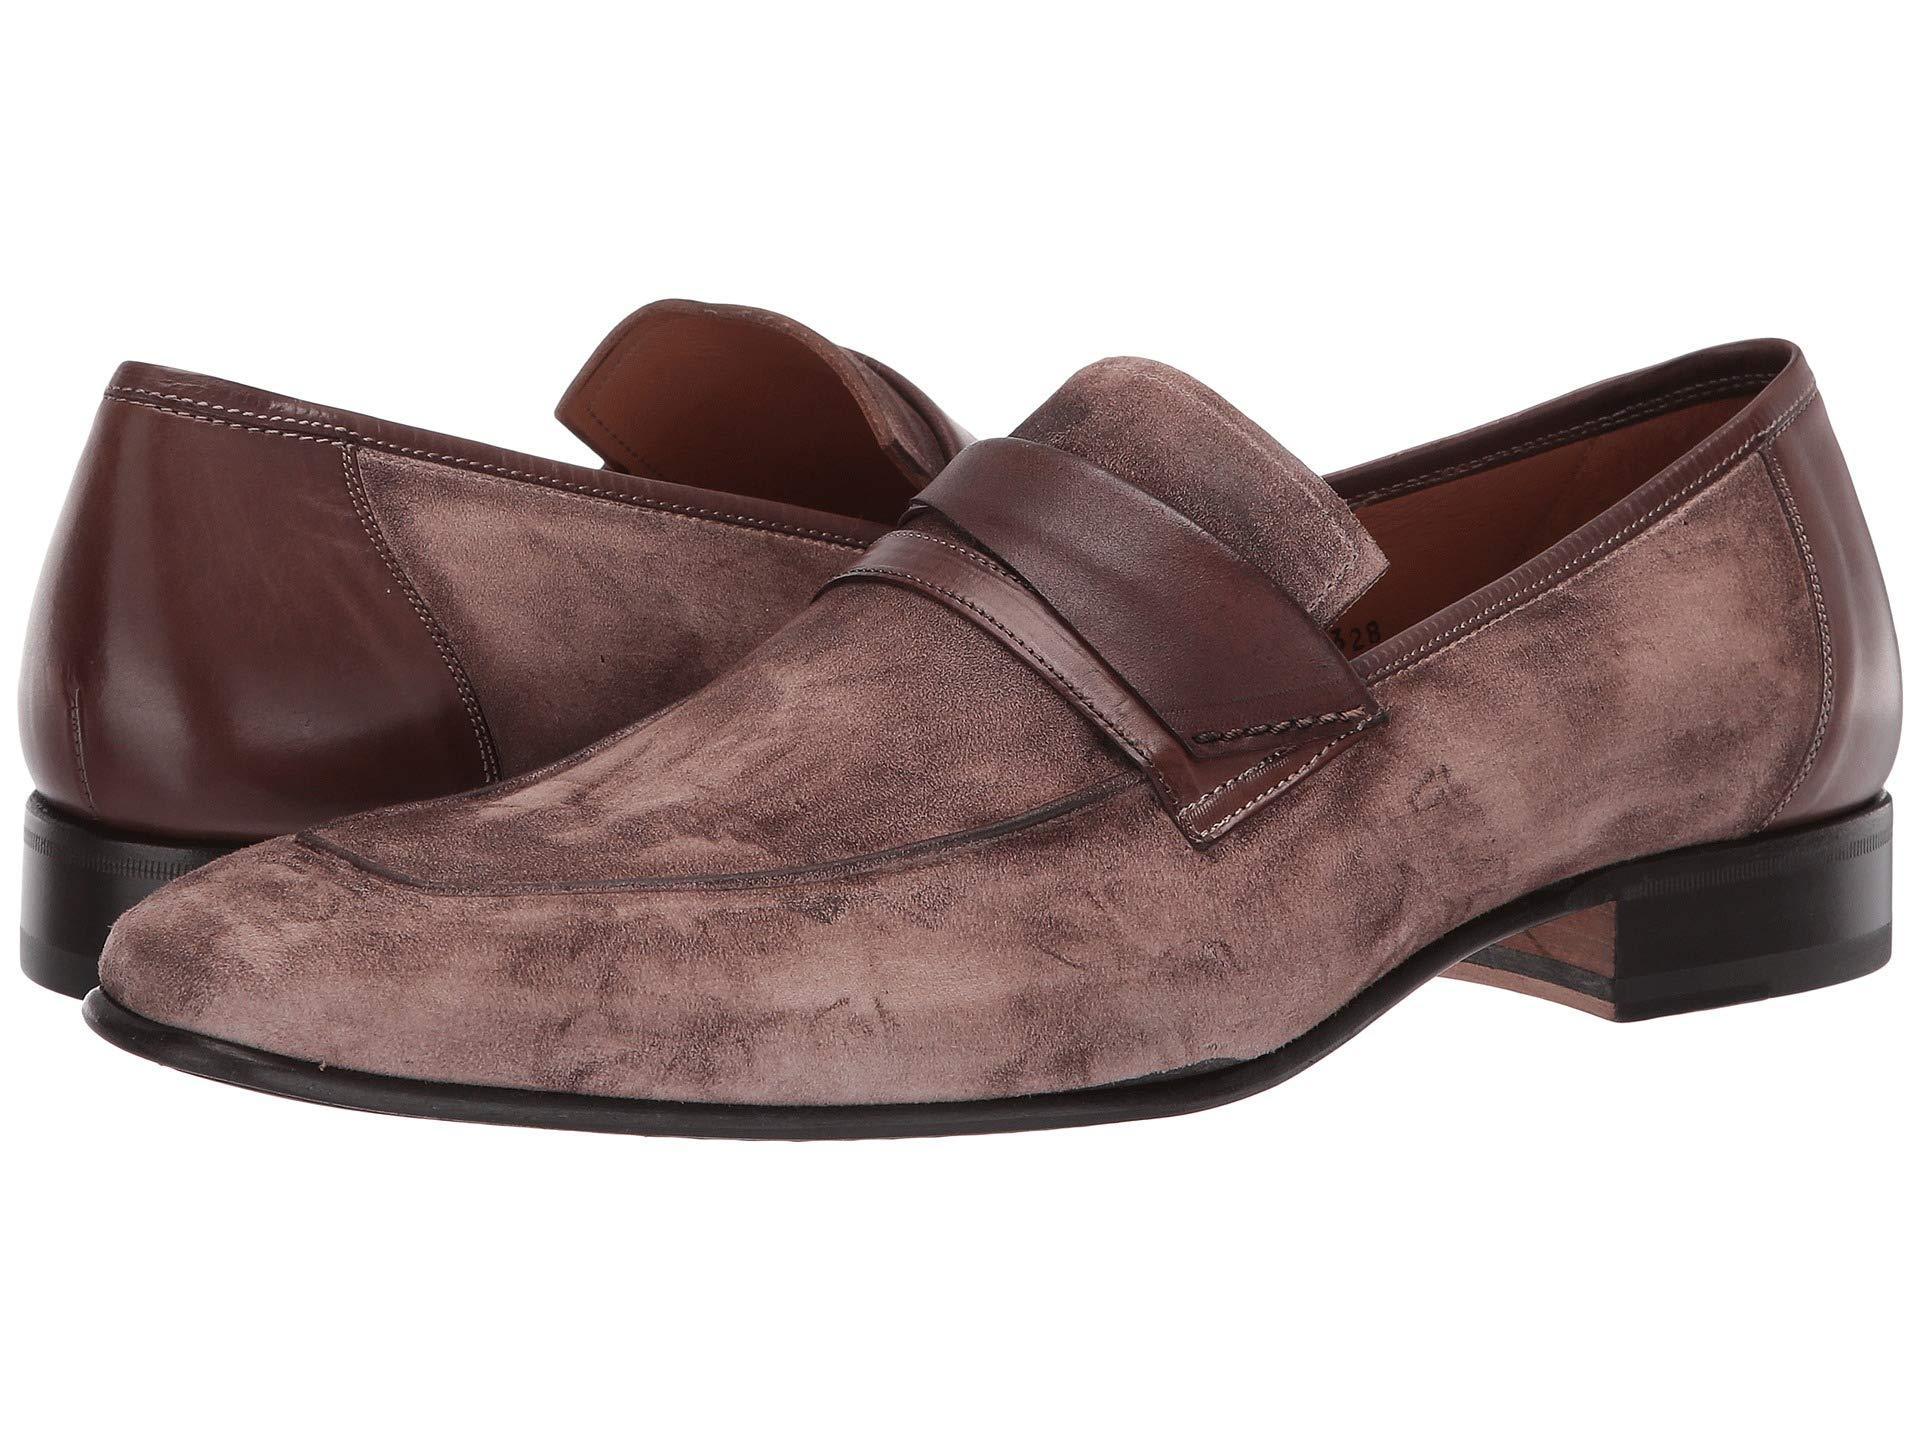 3311fa994b4 Lyst - Mezlan Jordi (taupe brown) Men s Shoes in Brown for Men